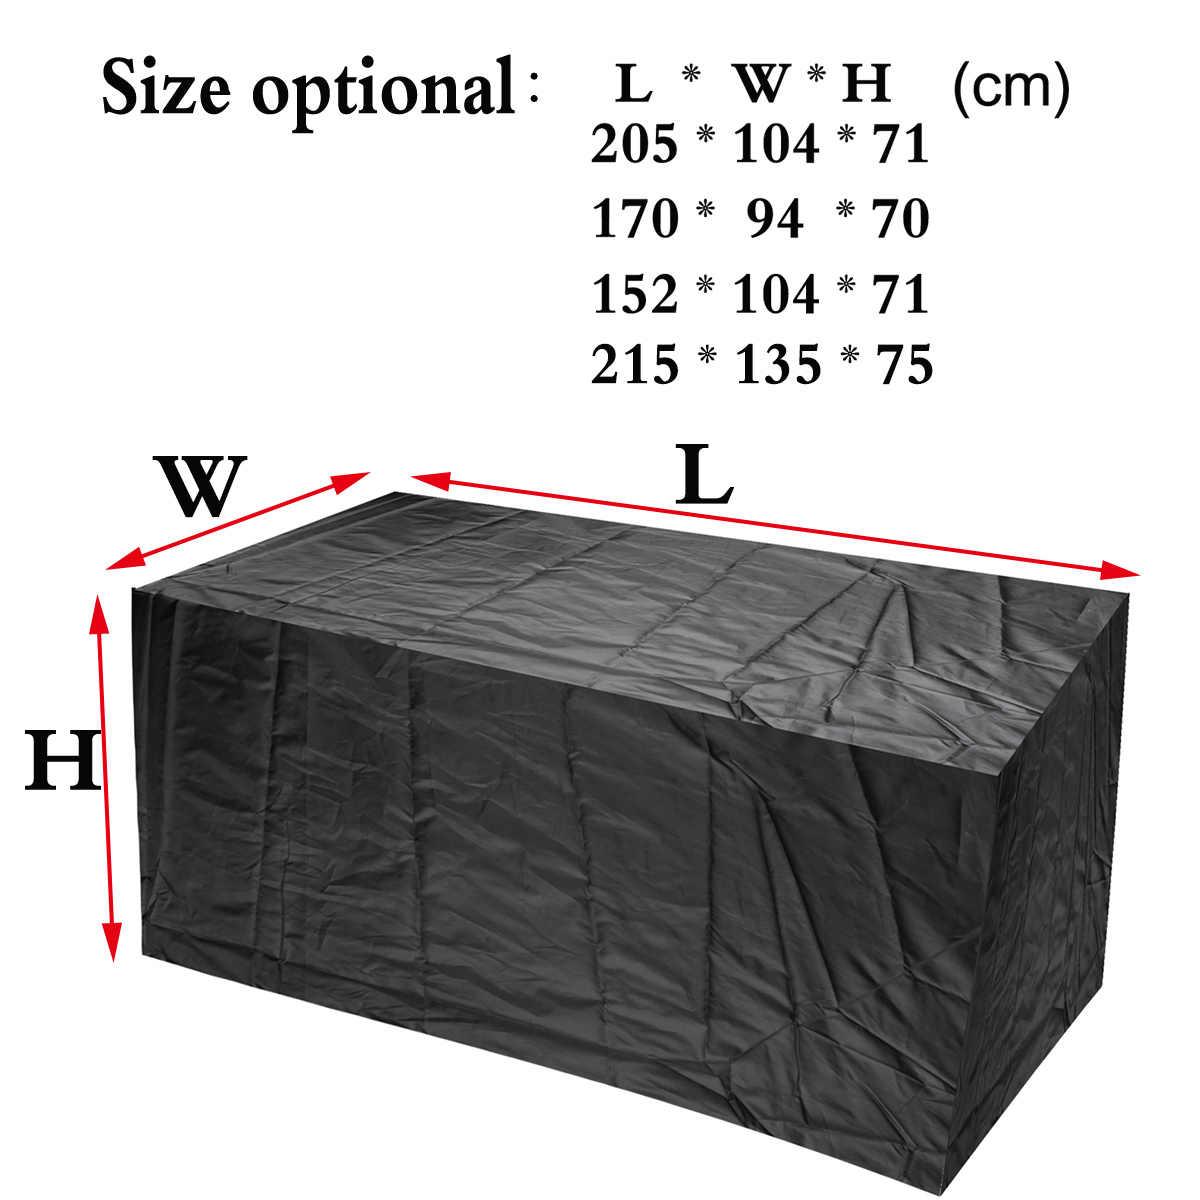 4 حجم أثاث للحدائق الخارجية غطاء للمطر للماء أكسفورد الخوص أريكة حماية مجموعة حديقة الفناء المطر الثلج الغبار يغطي